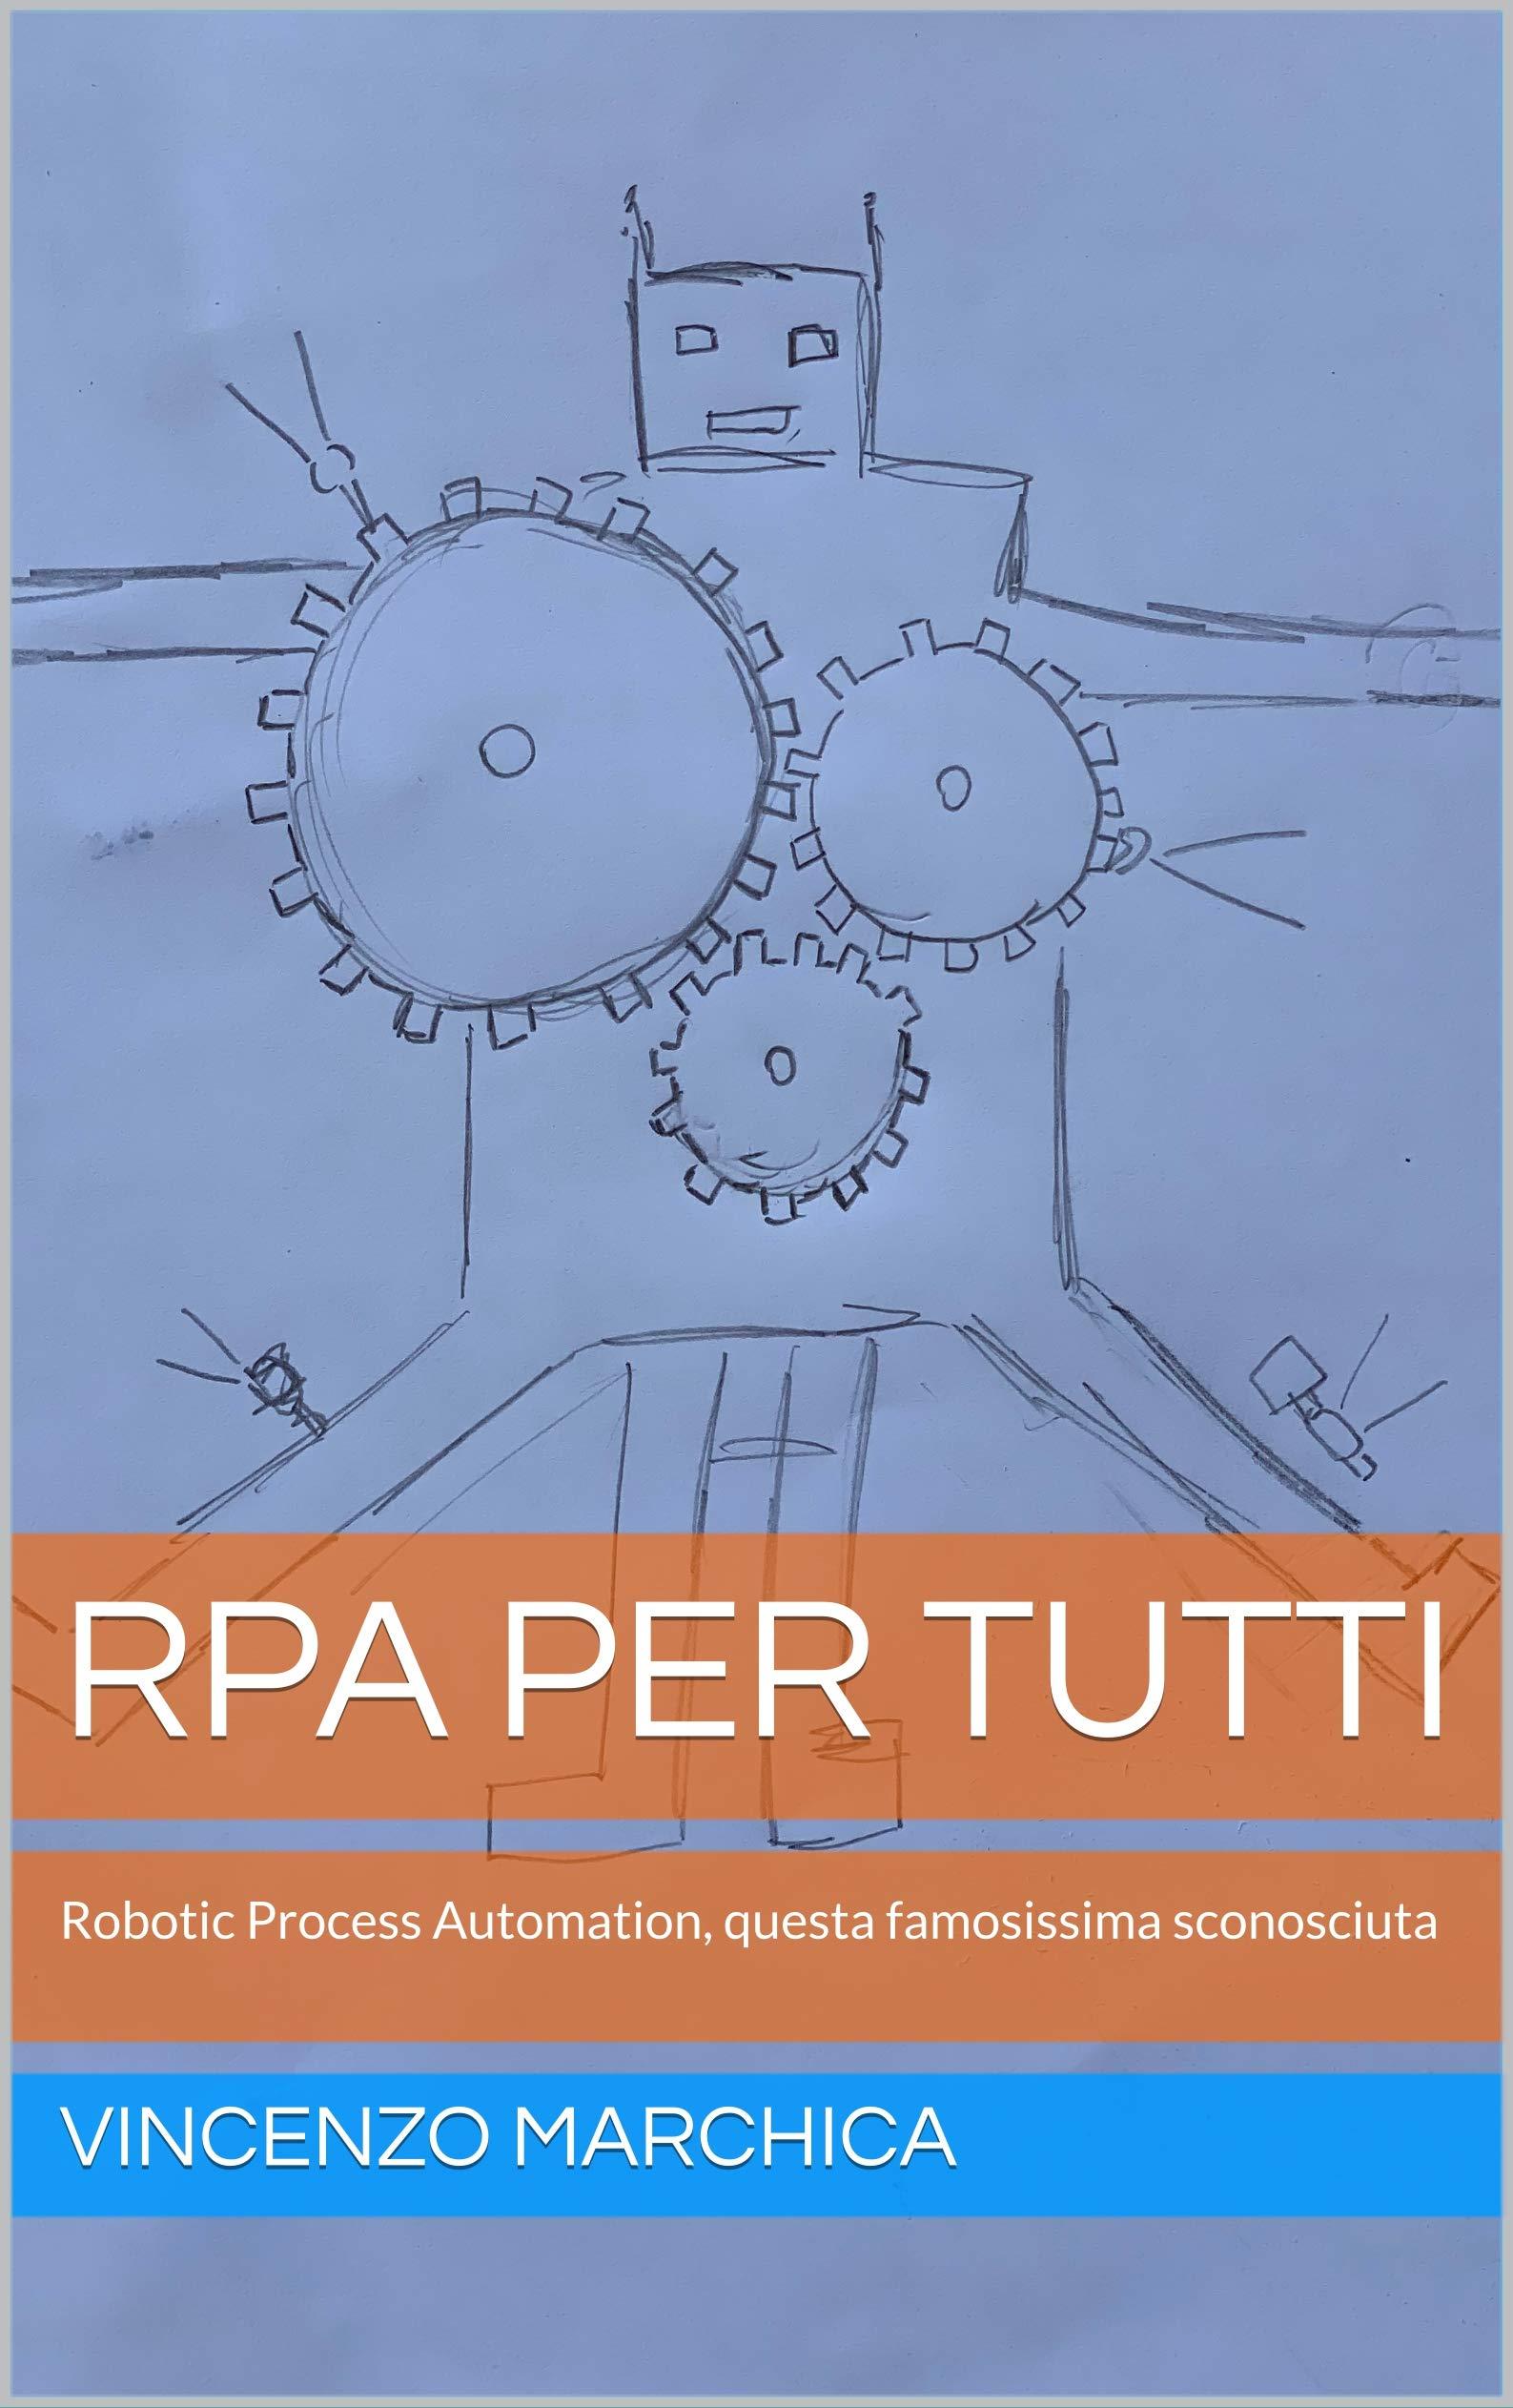 RPA per tutti: Robotic Process Automation, questa famosissima sconosciuta (Italian Edition)